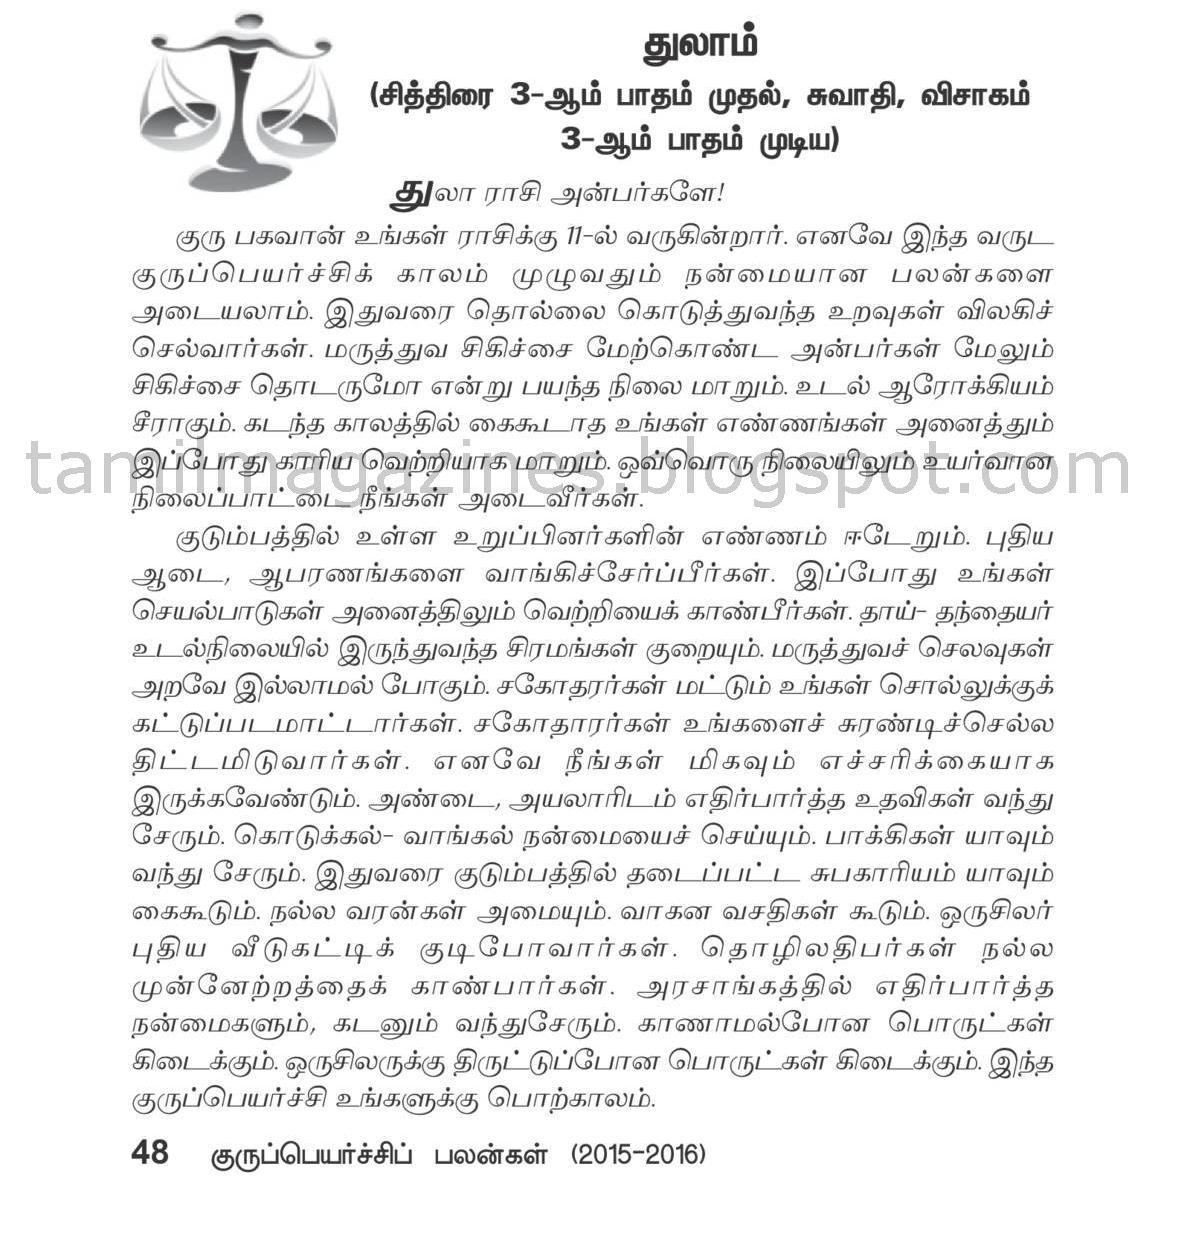 Thulam Guru Peyarchi Palan 2015-2016 Free Online